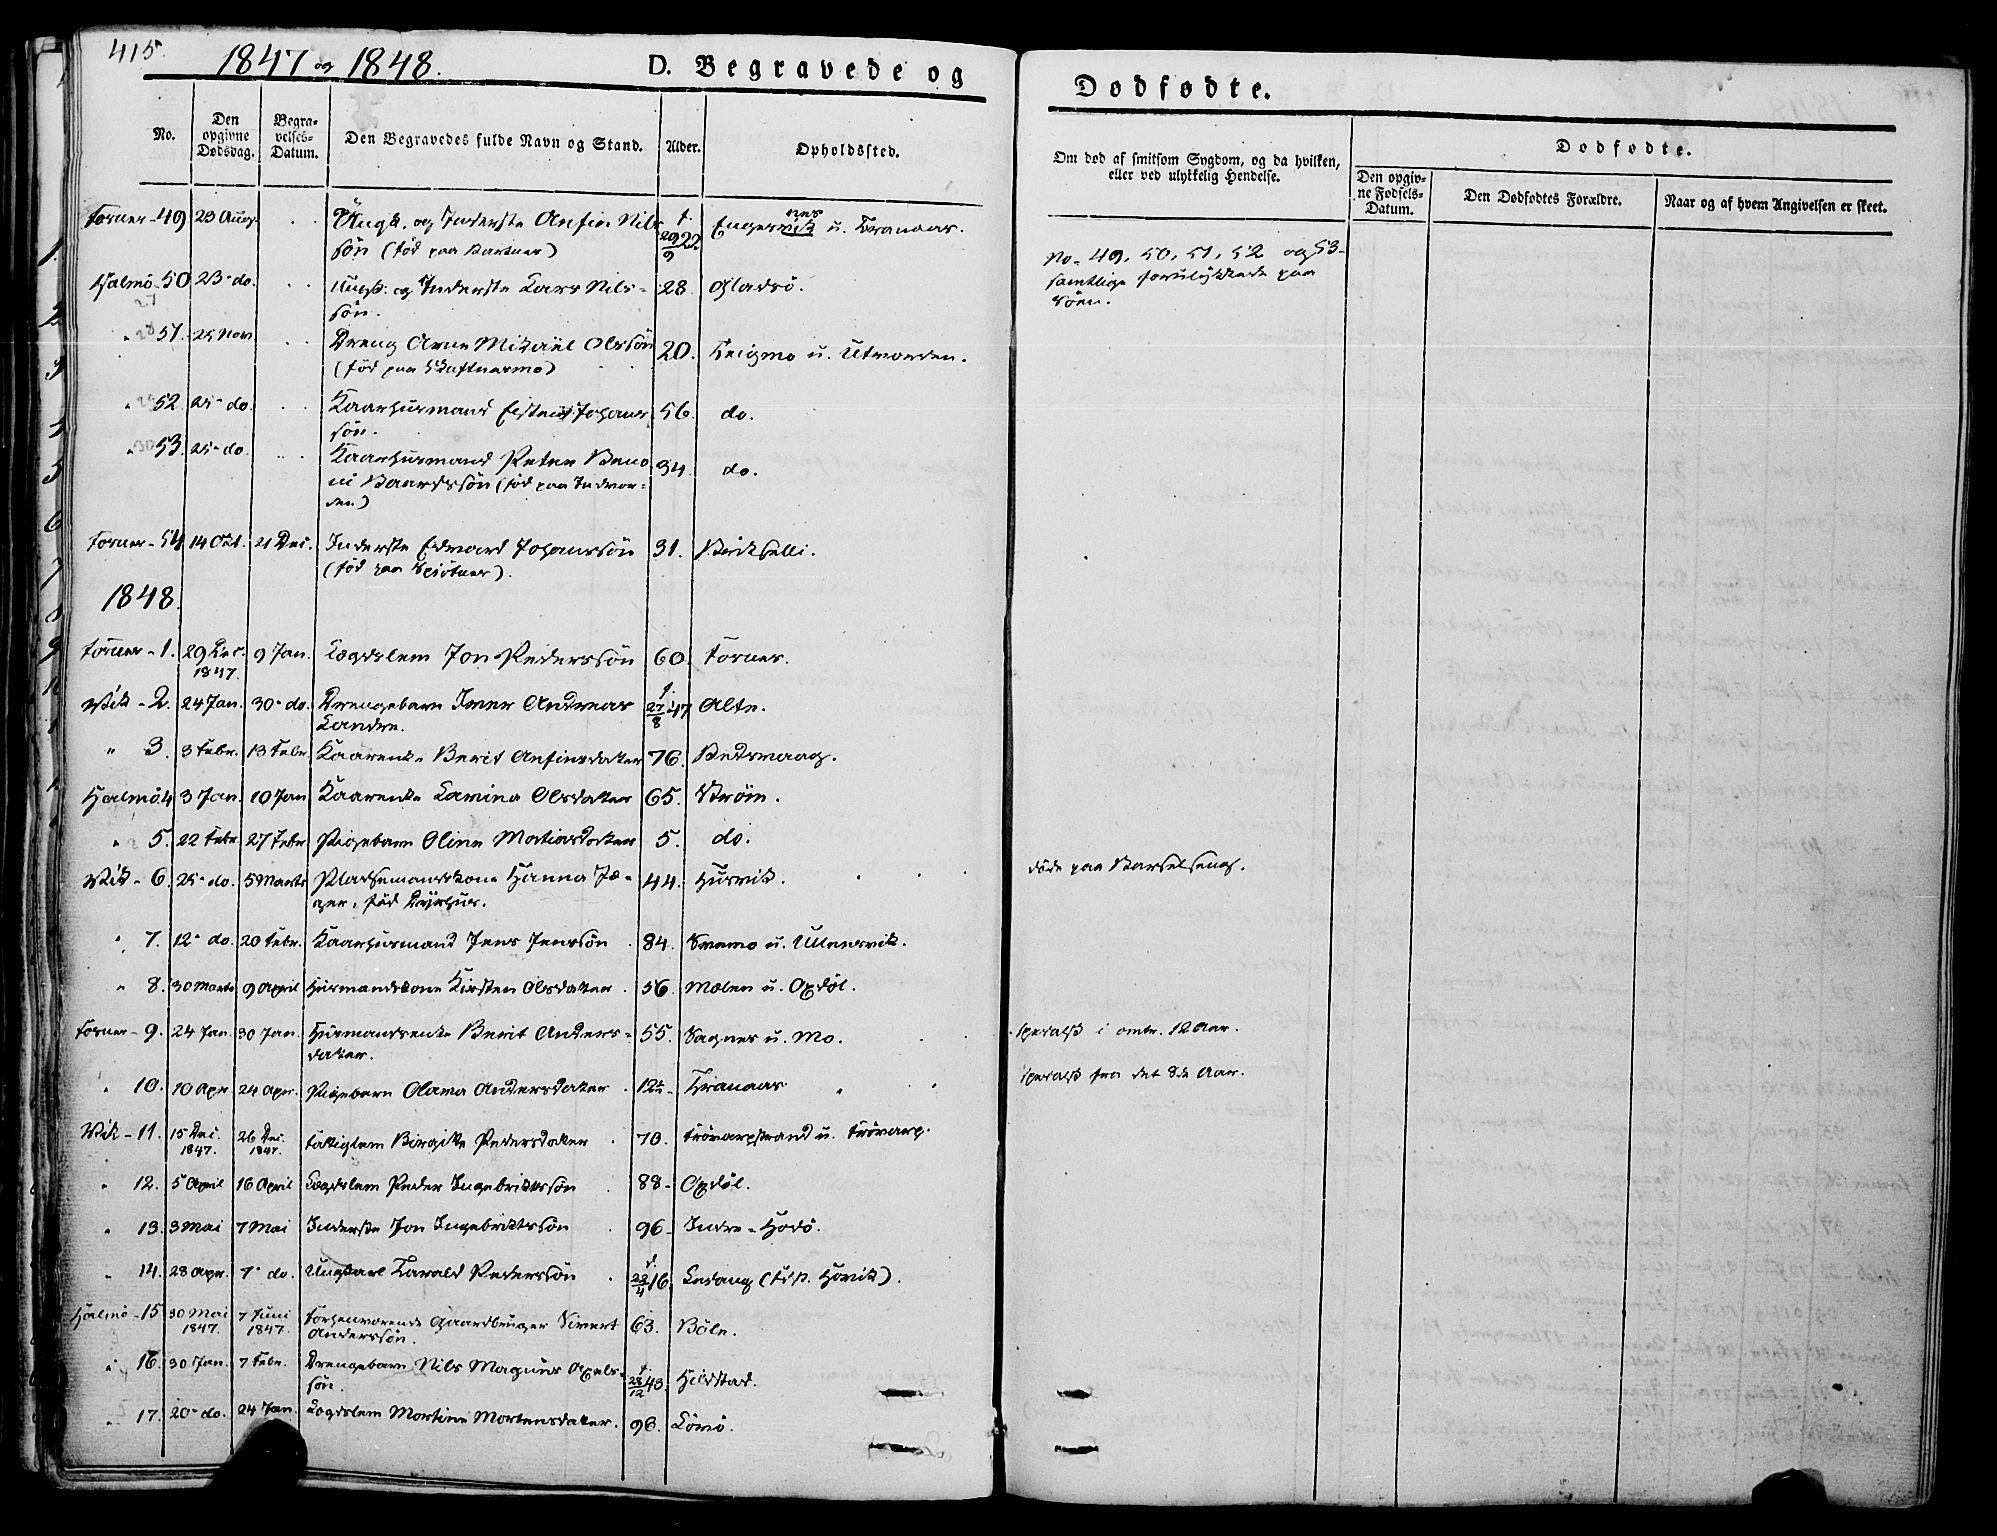 SAT, Ministerialprotokoller, klokkerbøker og fødselsregistre - Nord-Trøndelag, 773/L0614: Ministerialbok nr. 773A05, 1831-1856, s. 415